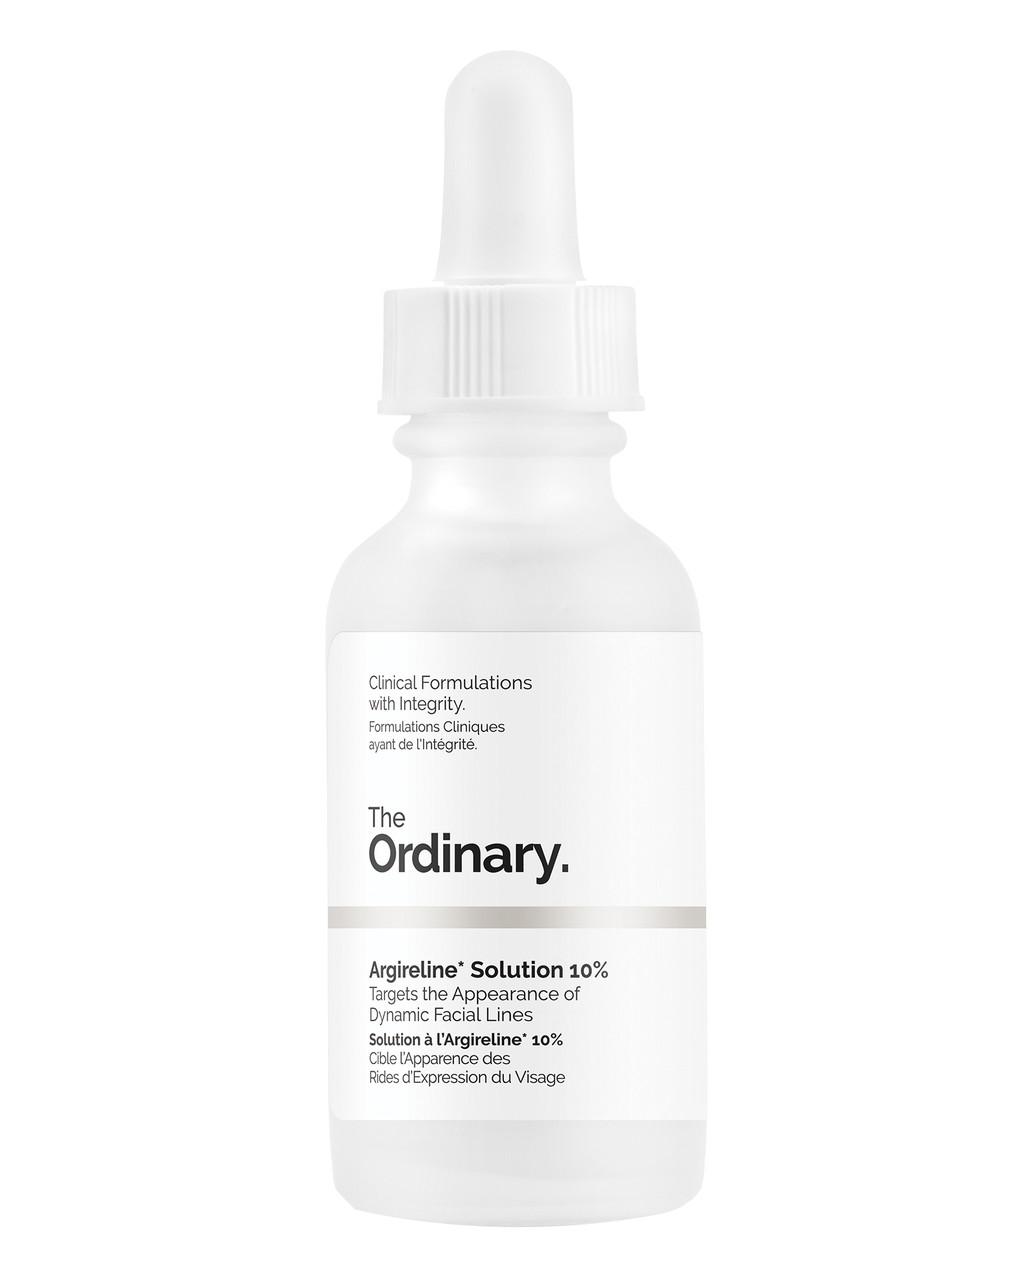 Сыворотка против морщин с аргирелином The Ordinary Argireline Solution 10% 30 мл